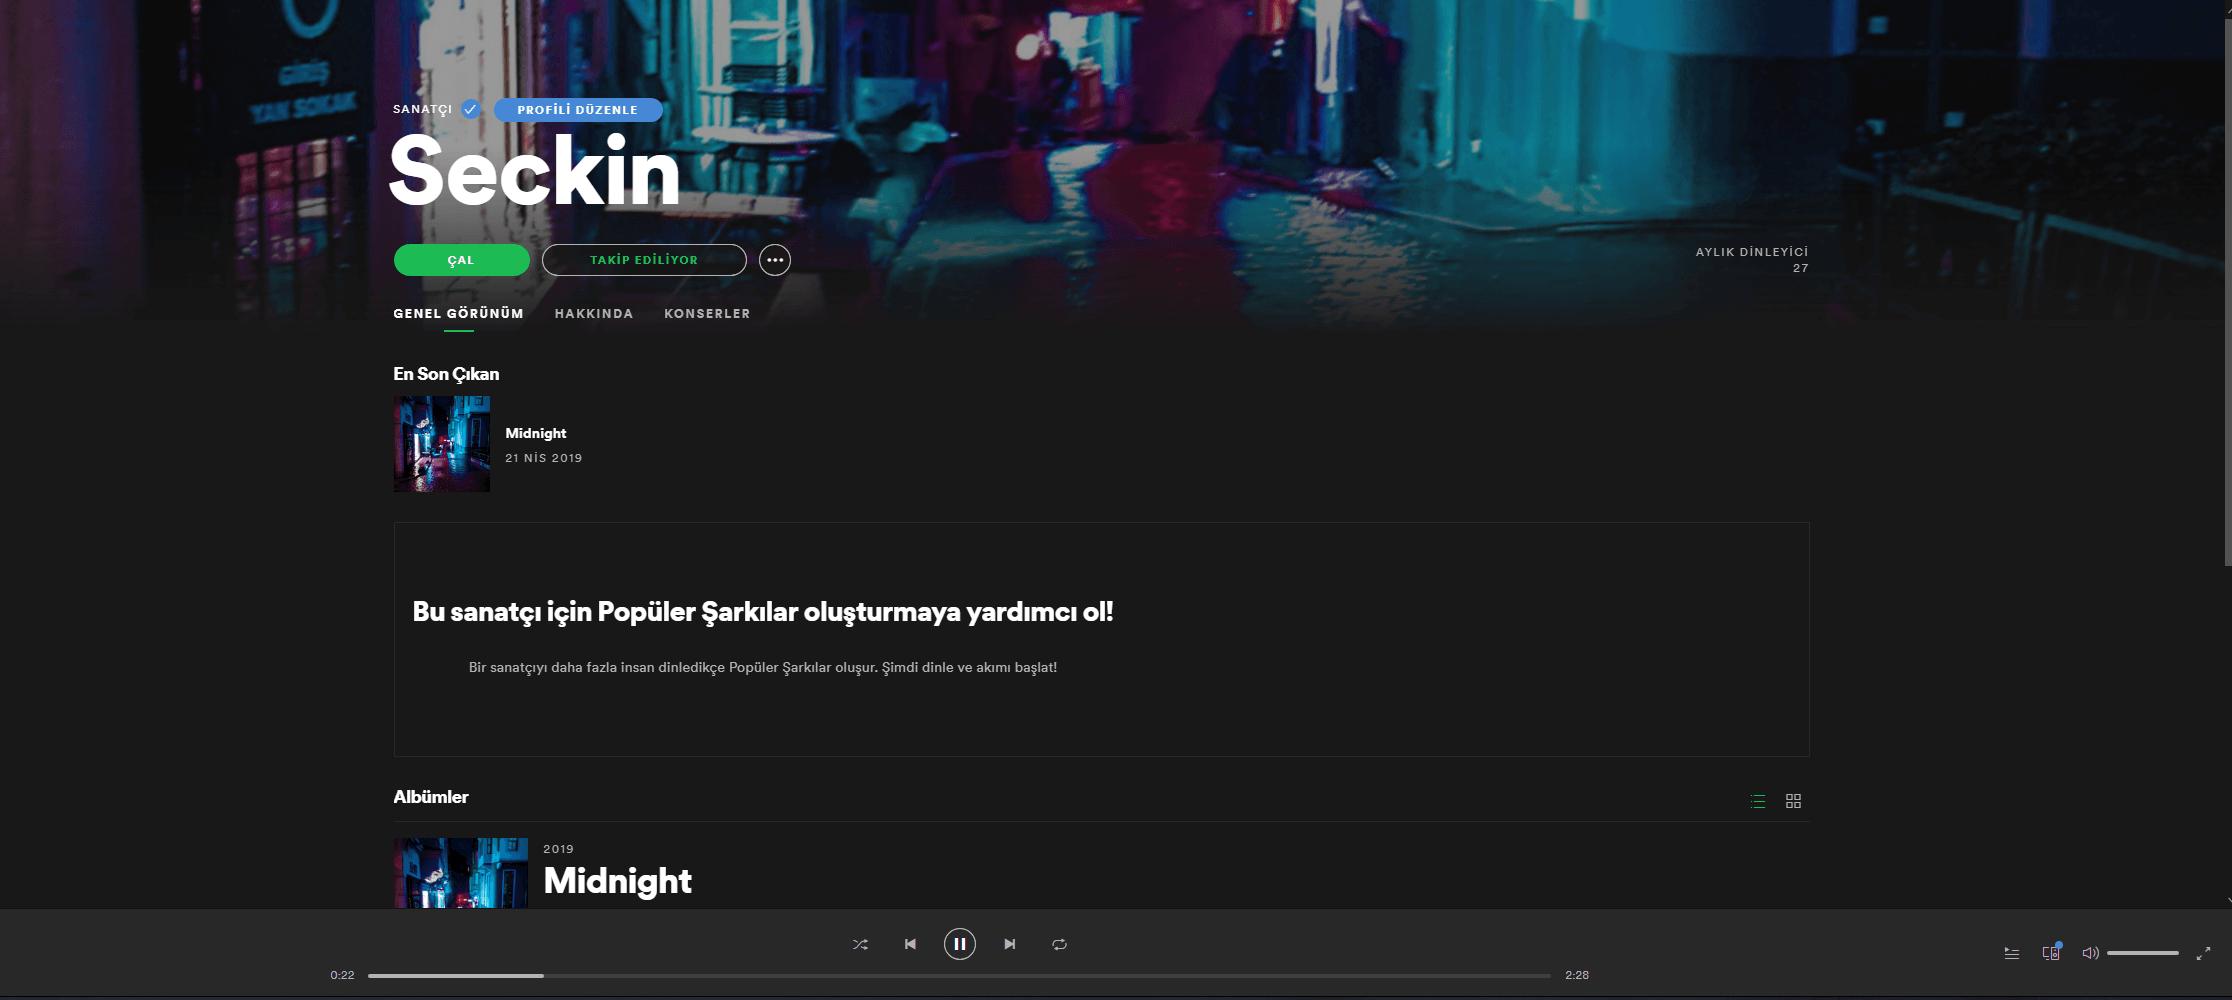 Müzik Lisaslama ve Spotify Gönderme